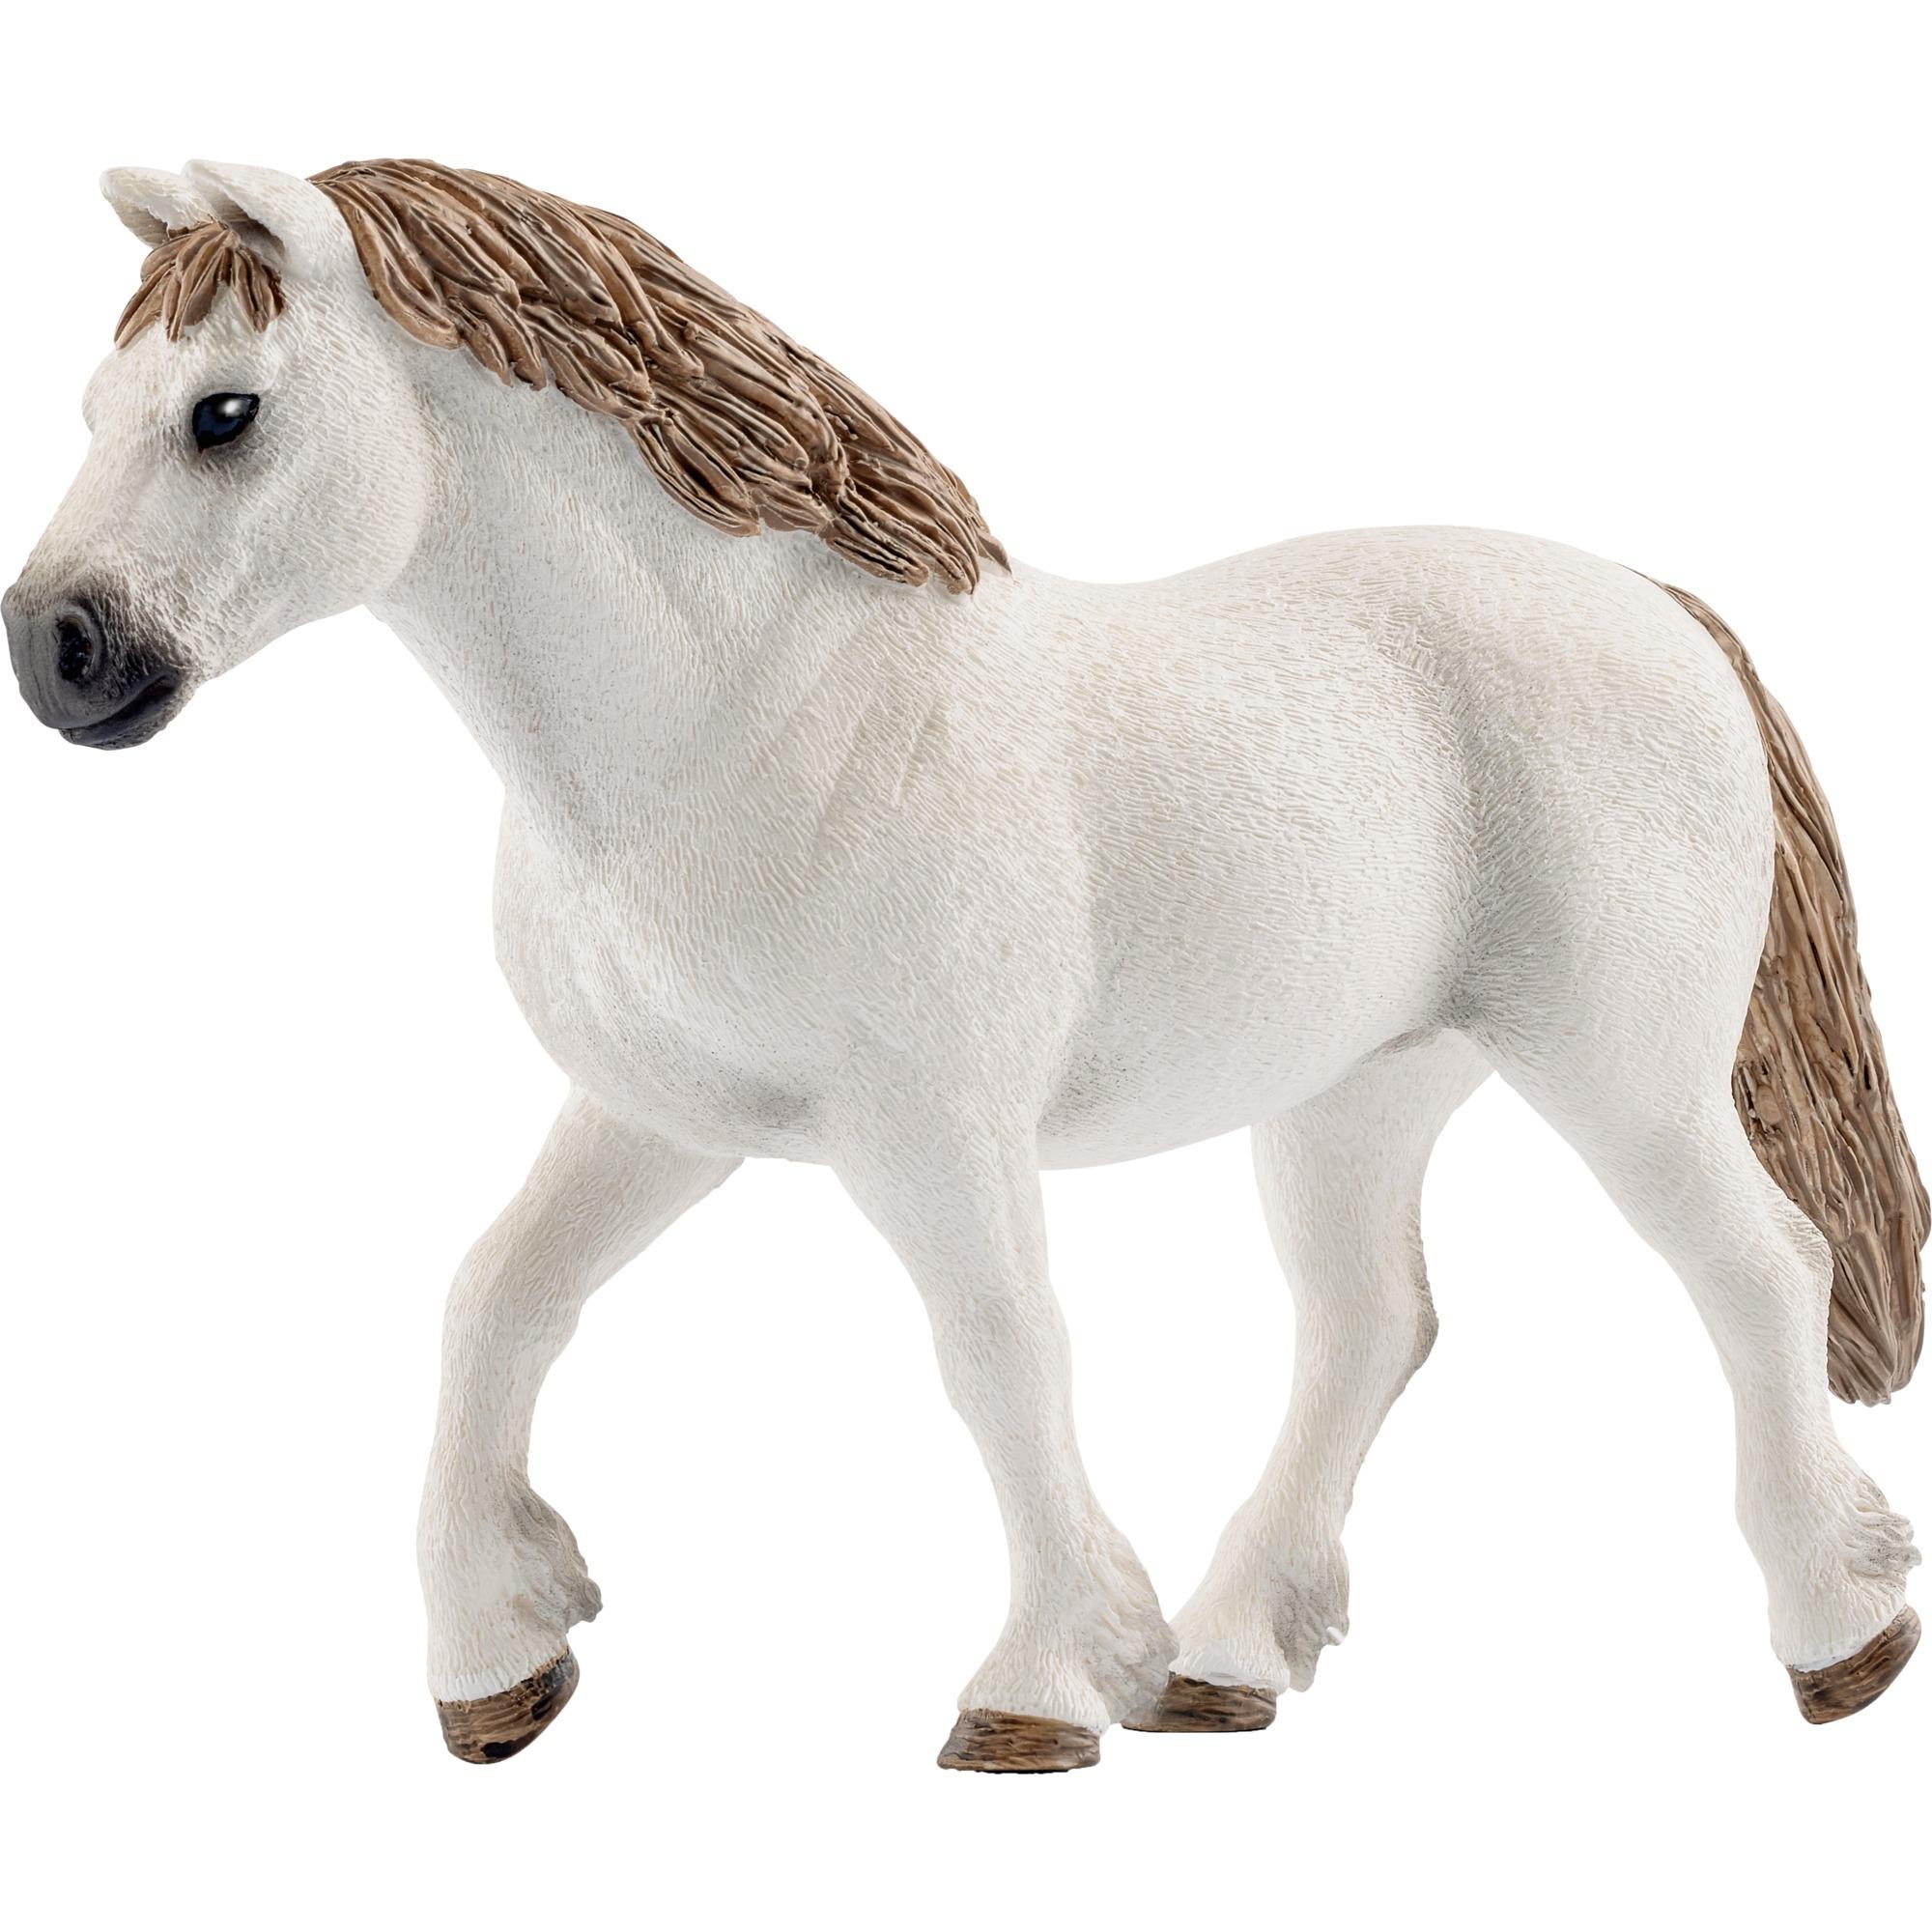 13872 figura de juguete para niños Beige, Blanco 1 pieza(s), Muñecos